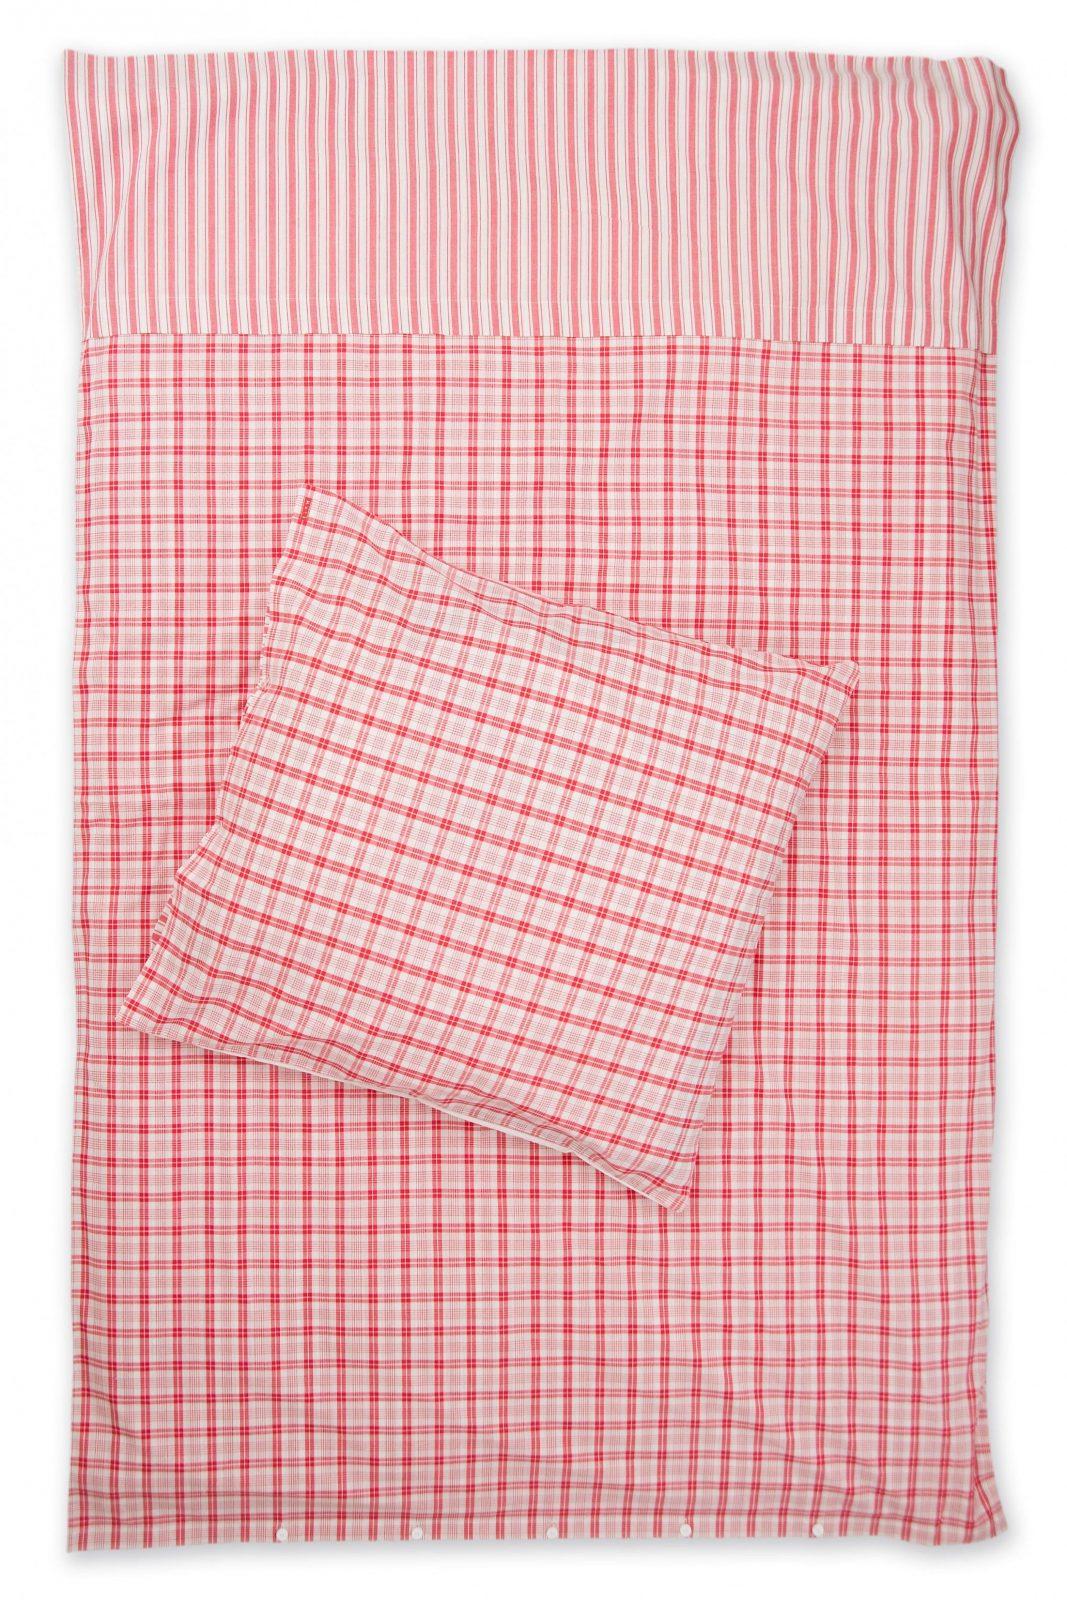 Karierte Bettwäsche Rot Weiß Mit Streifen Weiß Rot Karierte von Rot Weiß Karierte Bettwäsche Bild